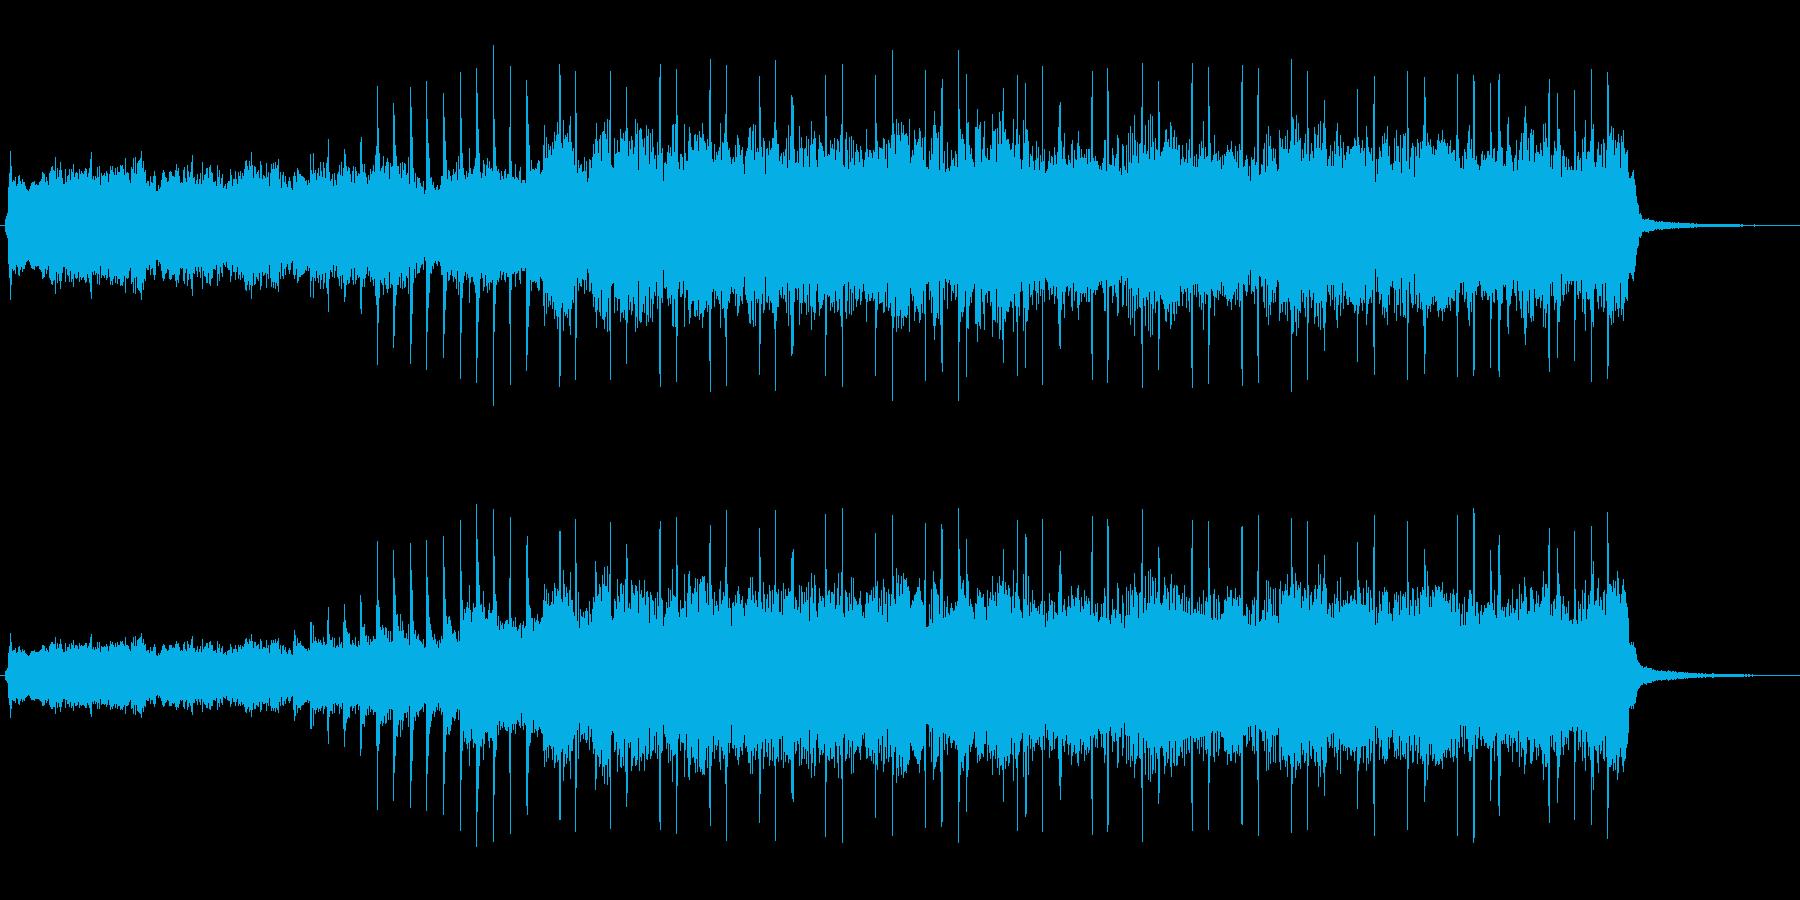 ハードロックなジングル(格闘・バトル)の再生済みの波形